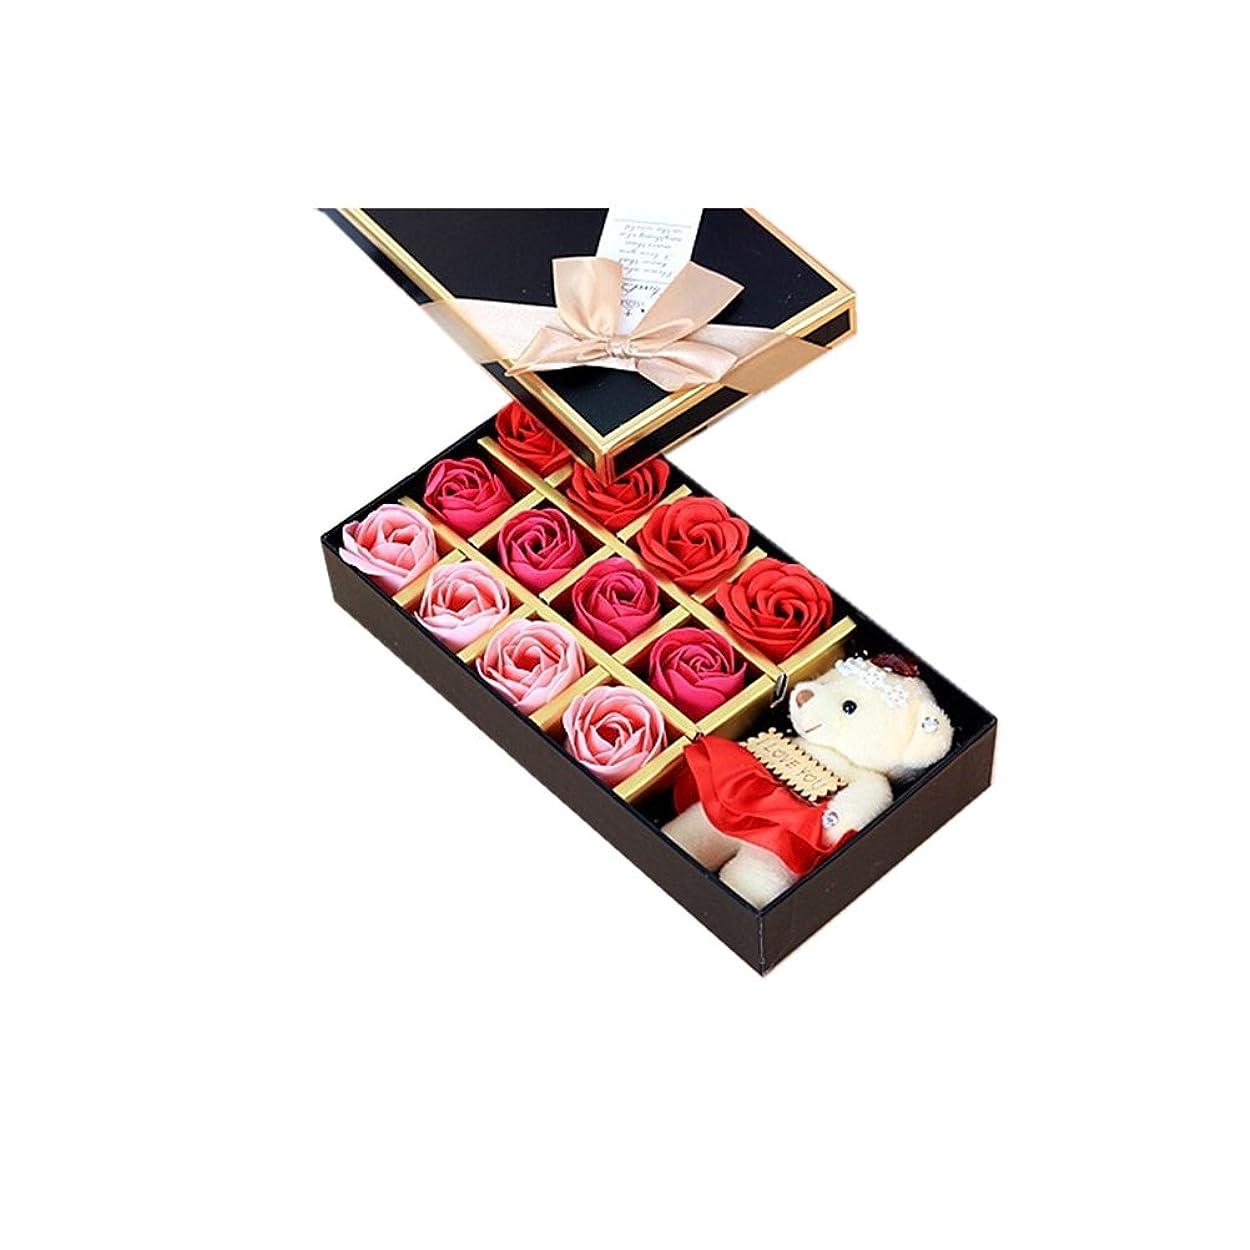 セミナースカープフェンスROSENICE 香り バラの花 お風呂 石鹸 ギフトボックス (赤)